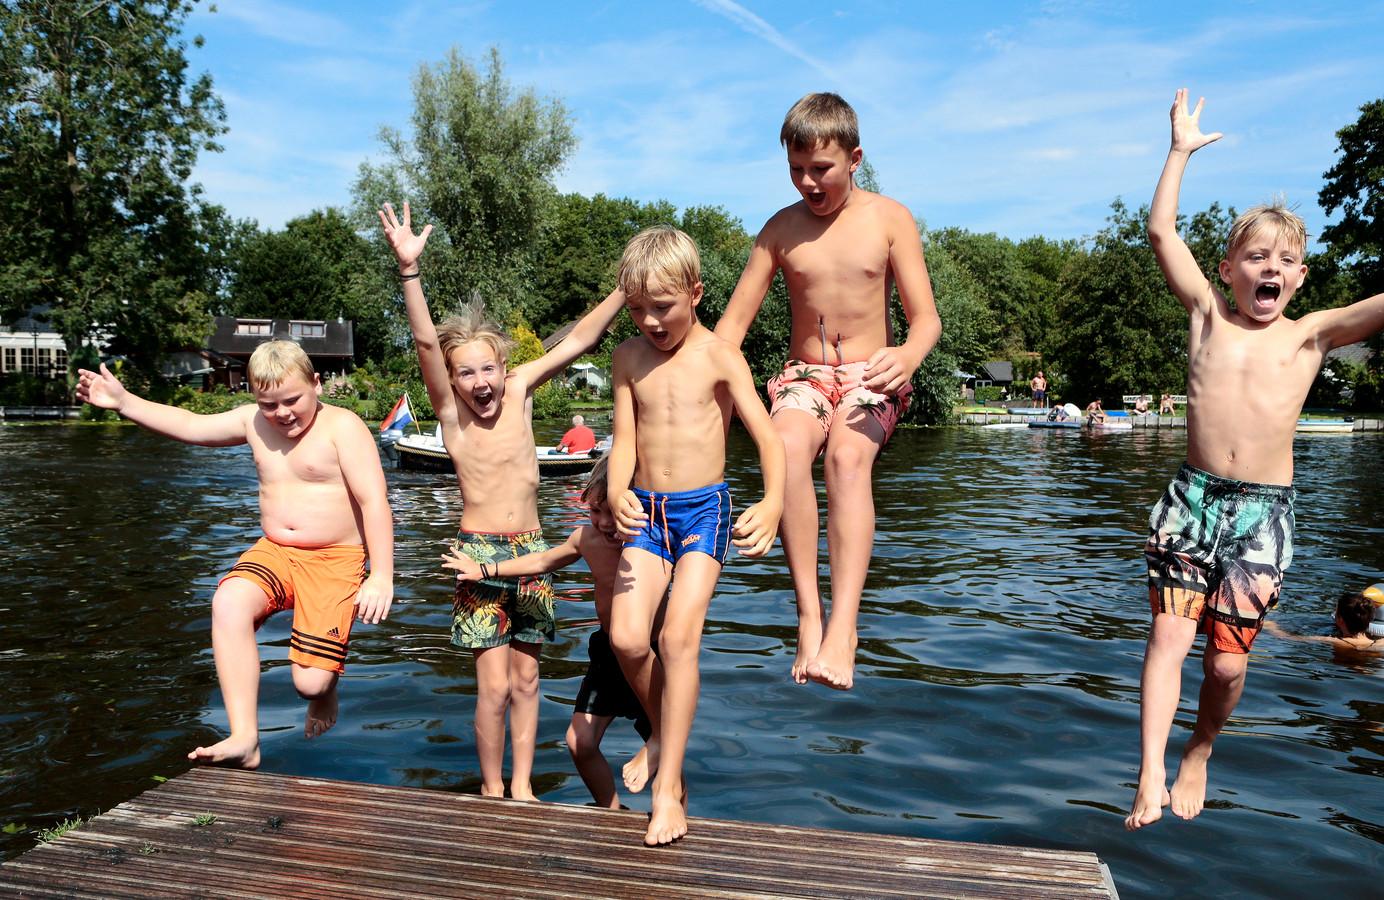 Bommetje! Het was de heetste 8 augustus ooit, dus was het tijd voor een plons in het water, dacht deze vriendengroep in Giessen-Oudekerk.